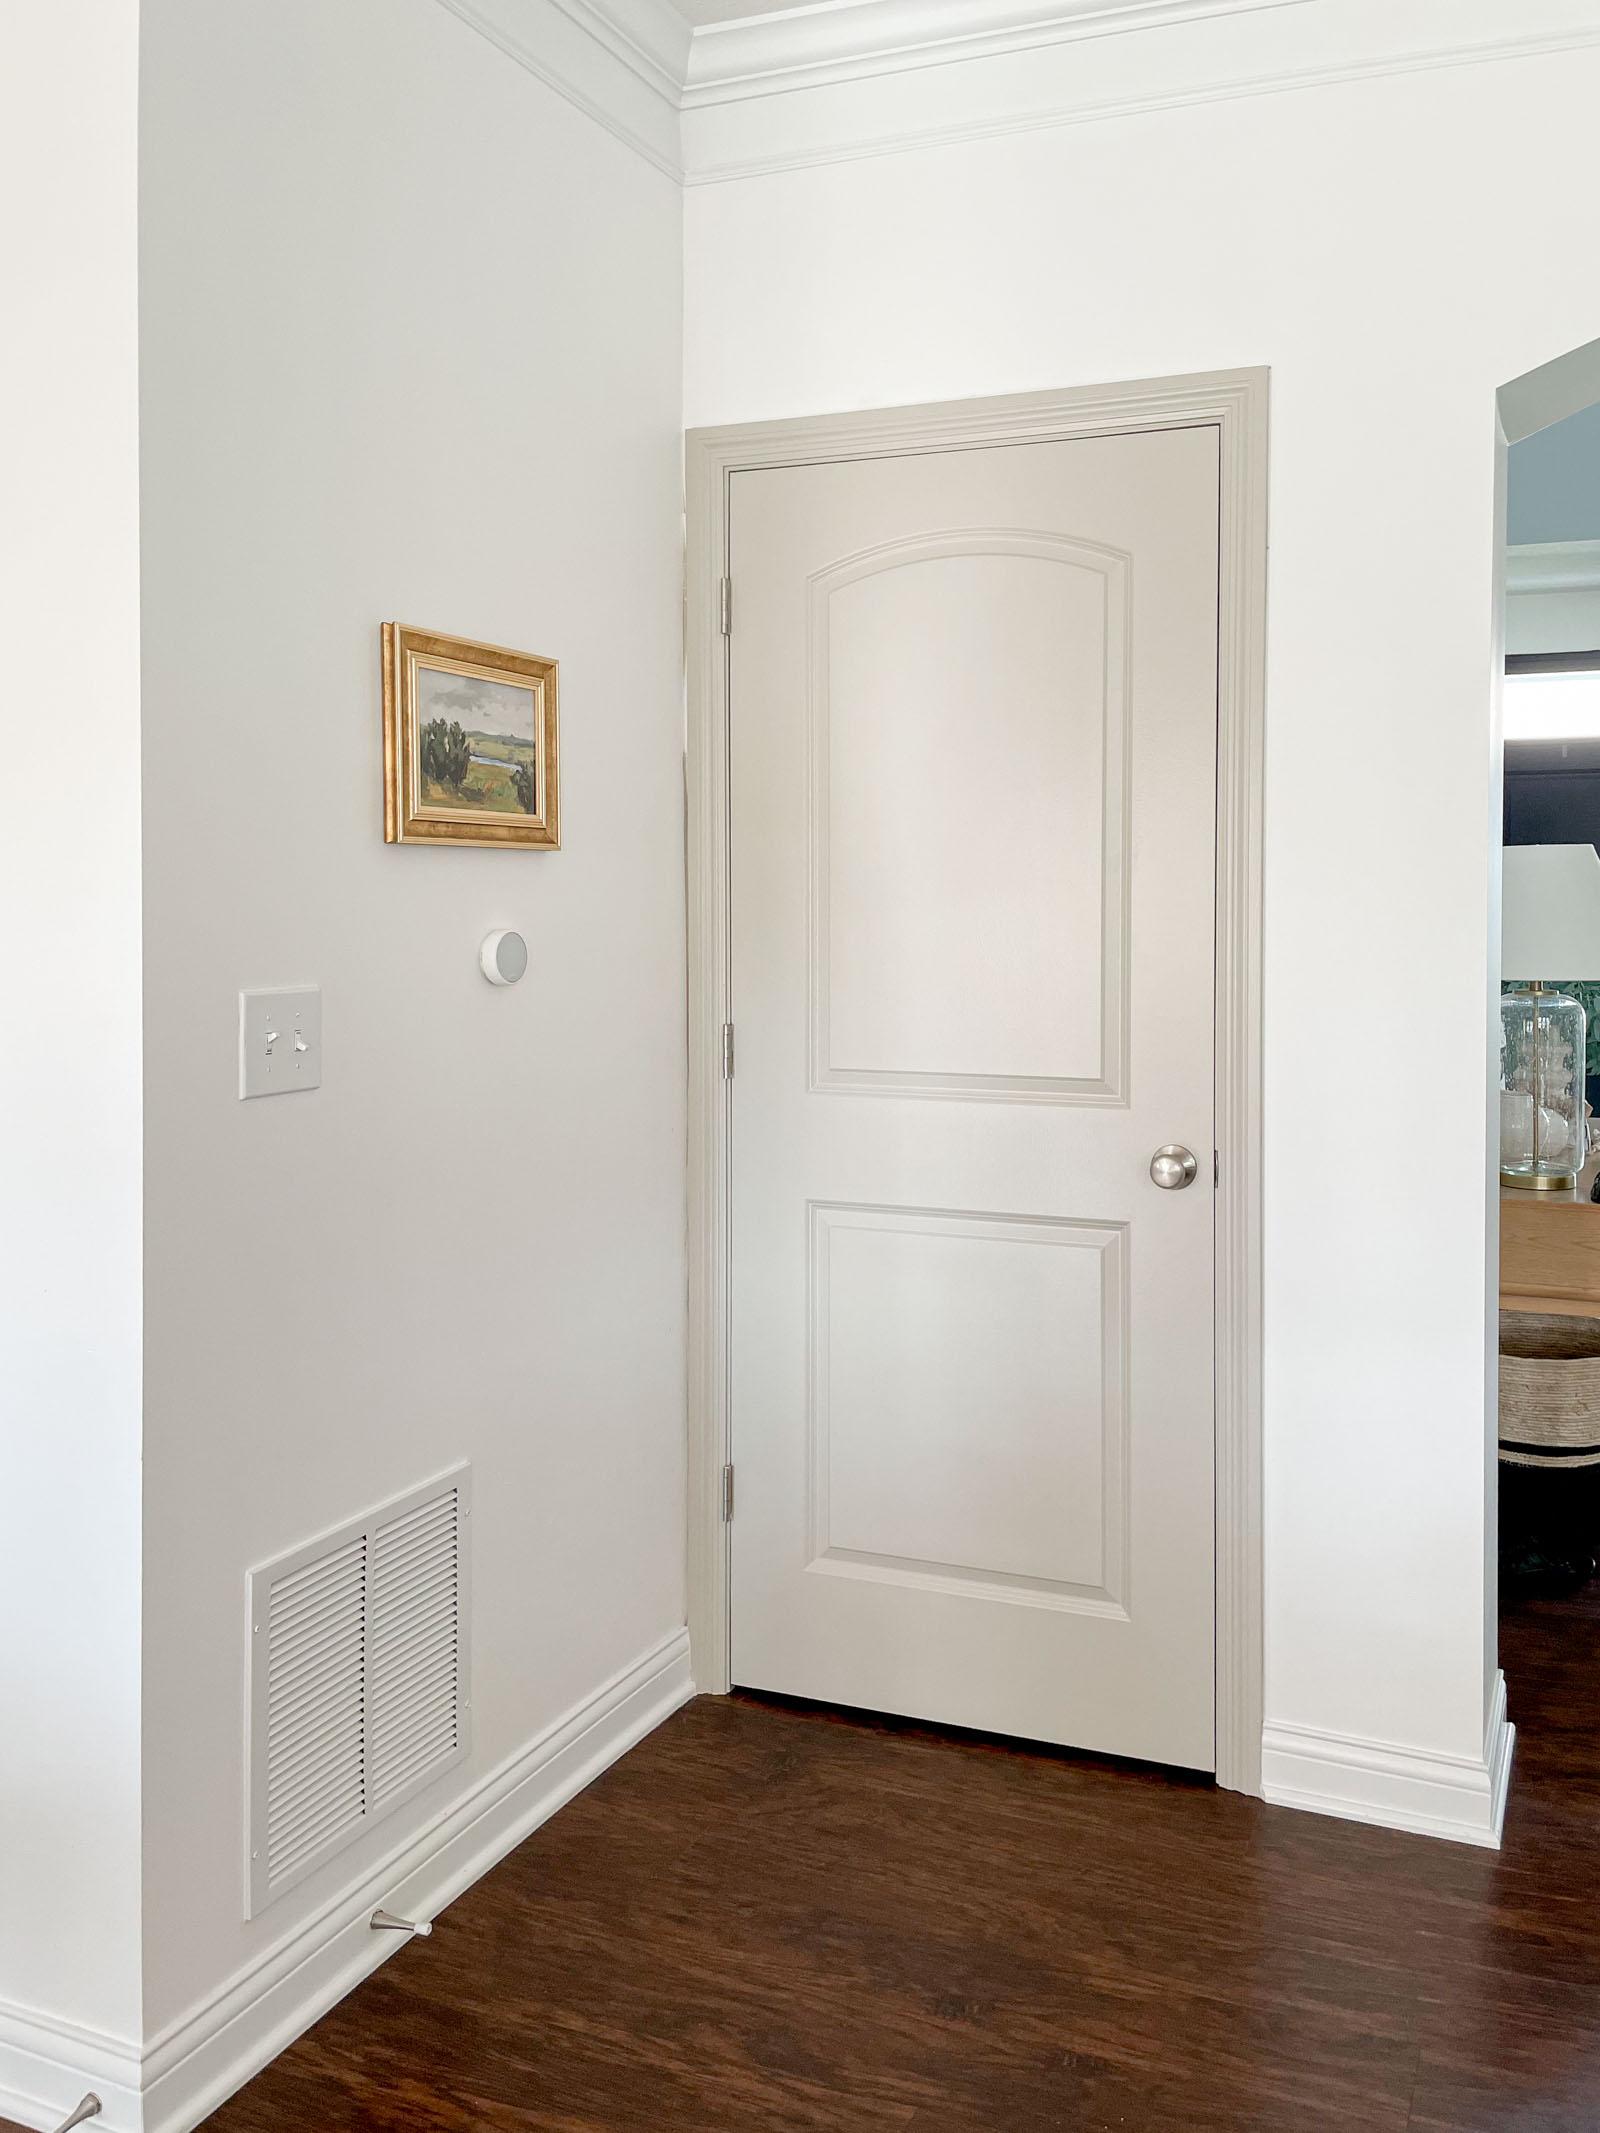 Painted greige door and trim